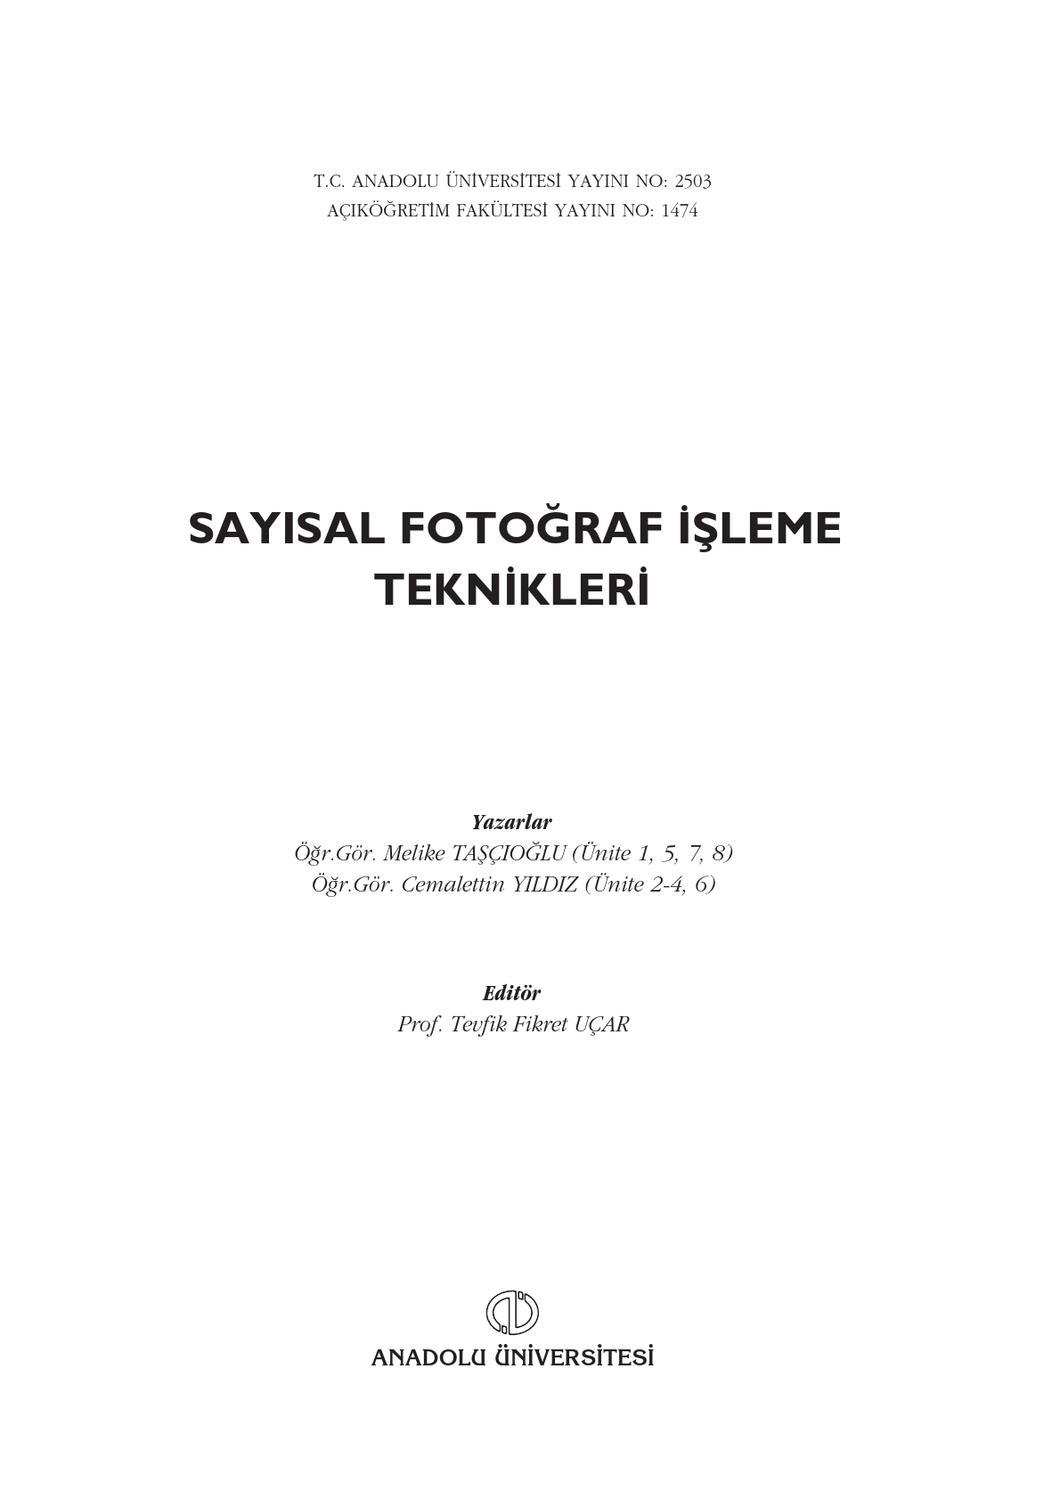 Fot201u Sayisal Fotograf Isleme Teknikleri By Fikret Uçar Issuu